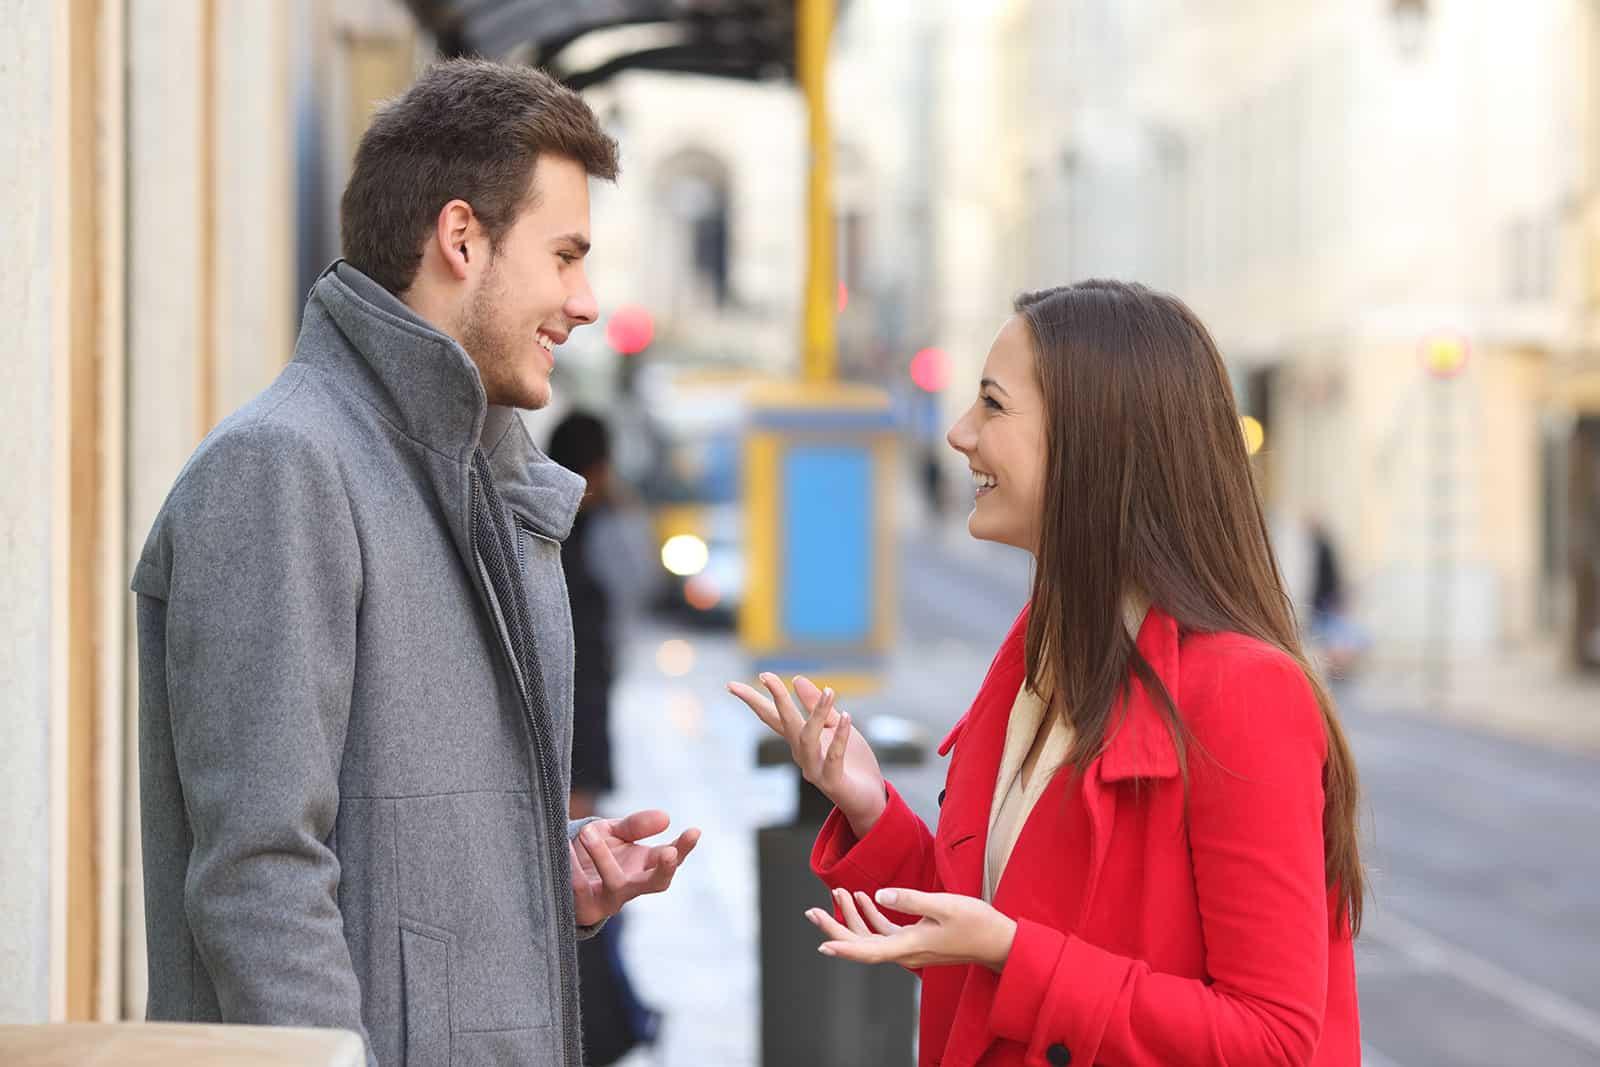 Ein Mann und eine Frau unterhalten sich im Winter auf der Straße während eines Dates